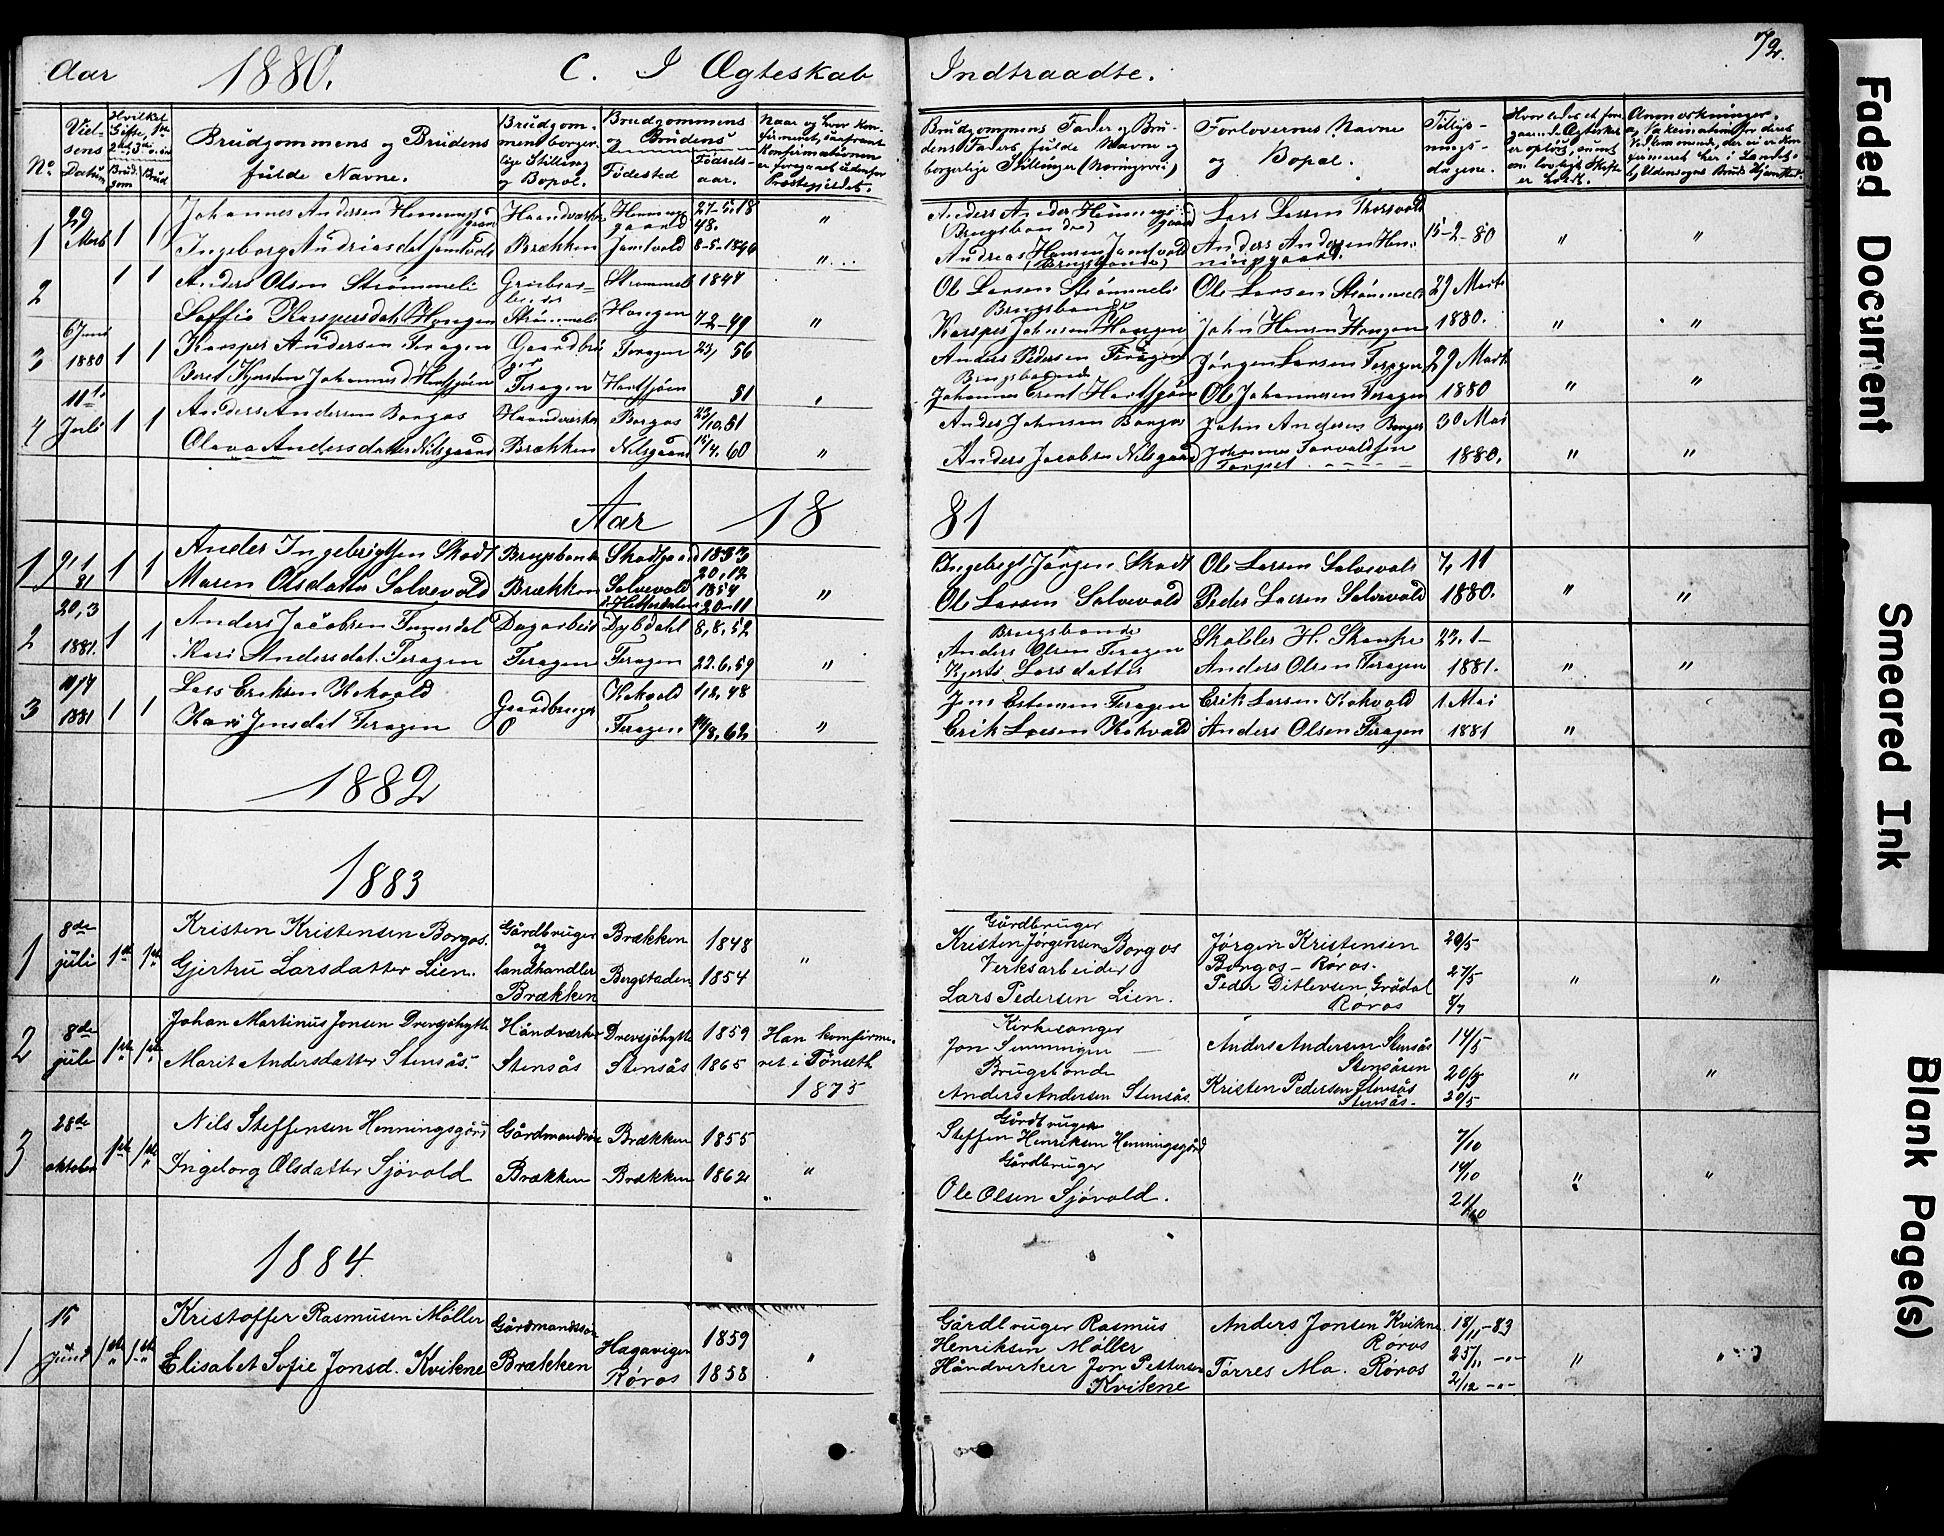 SAT, Ministerialprotokoller, klokkerbøker og fødselsregistre - Sør-Trøndelag, 683/L0949: Klokkerbok nr. 683C01, 1880-1896, s. 72